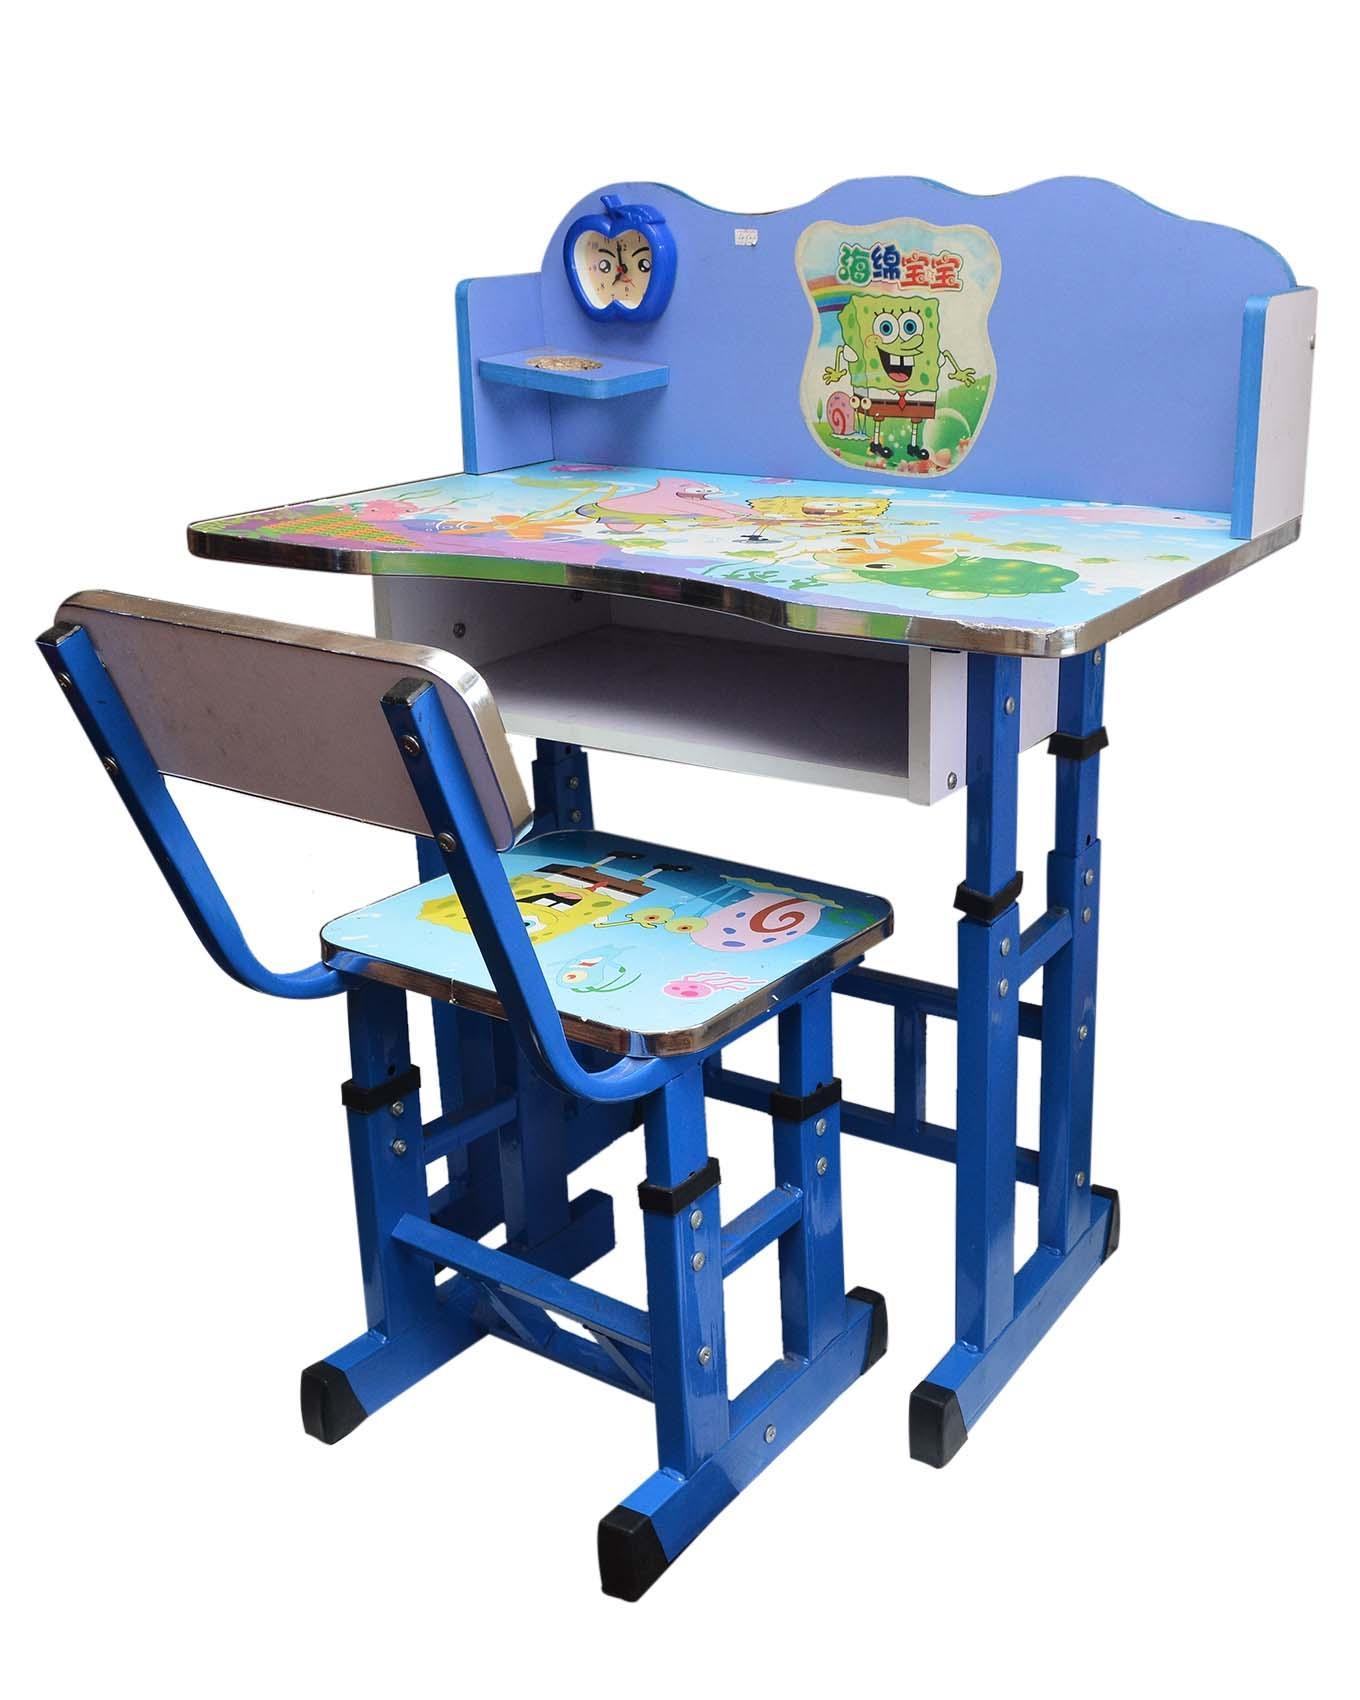 Study Desk Set For Kids - Blue